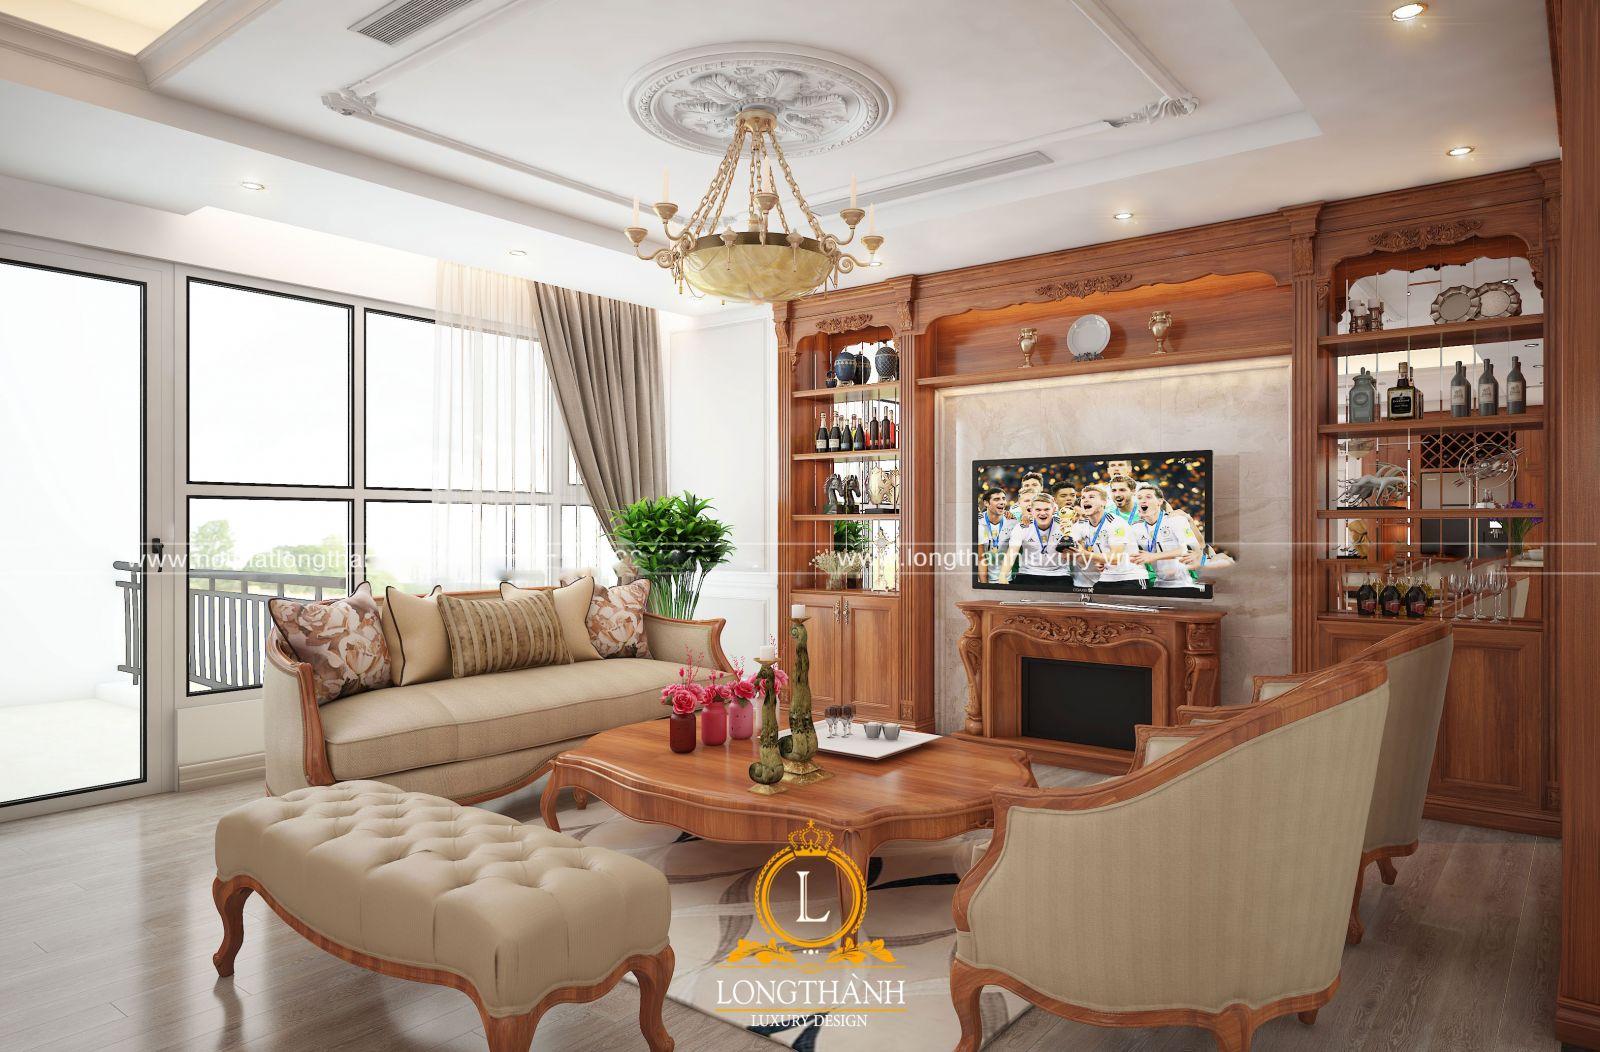 Phòng khách chung cư cho không gian nhỏ vừa đẹp vừa tiện nghi